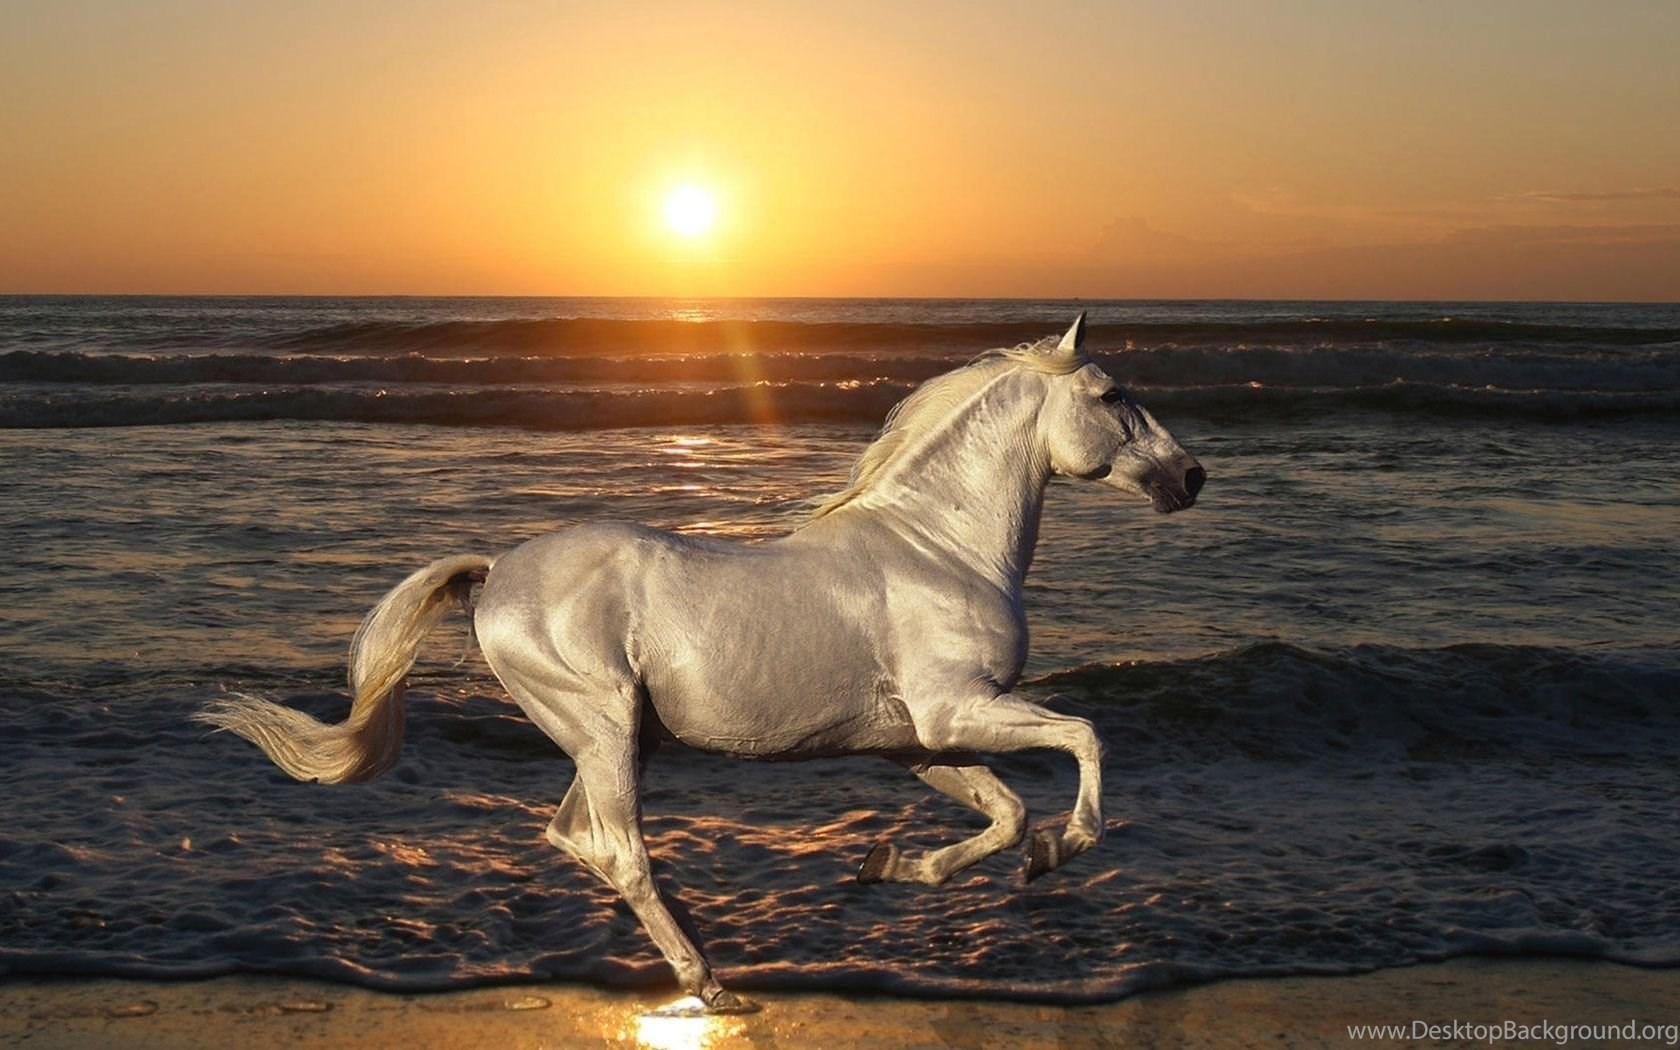 Beautiful Wild Horse Wallpapers For Desktop Zibrato Desktop Background